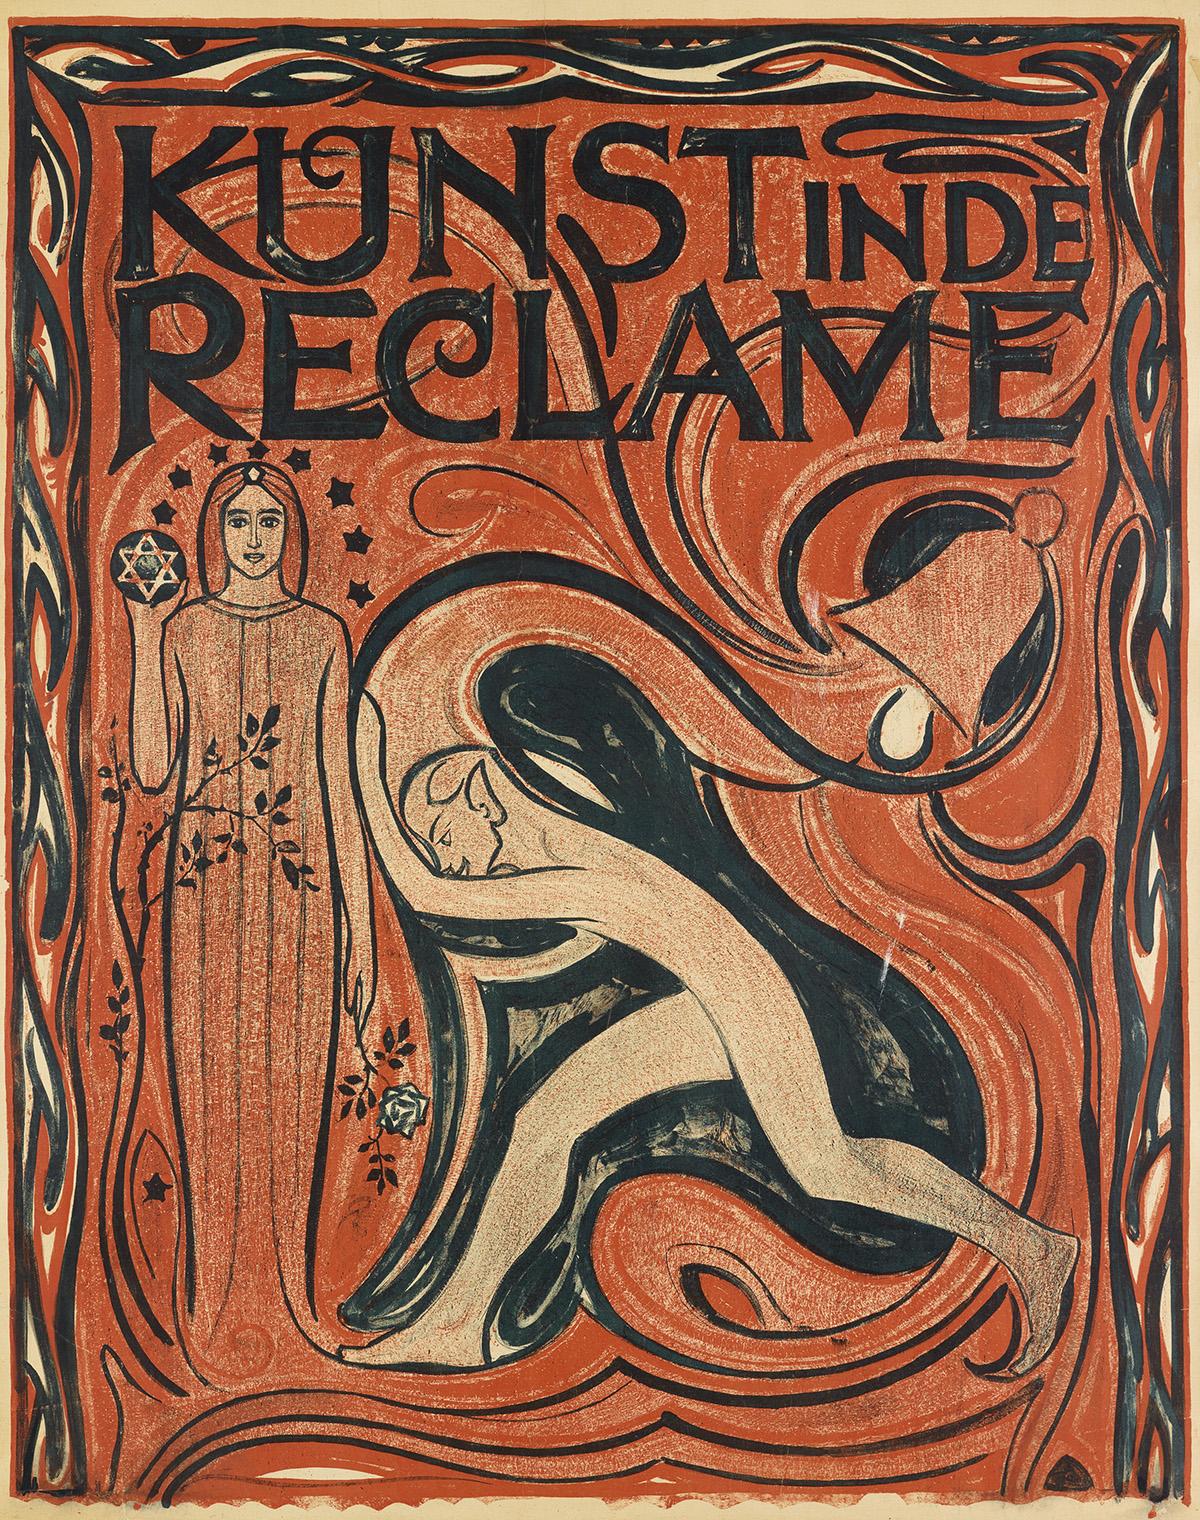 JAN-BERTYS-HEUKELOM-(1875-1965)-KUNST-IN-DE-RECLAME-1917-39x